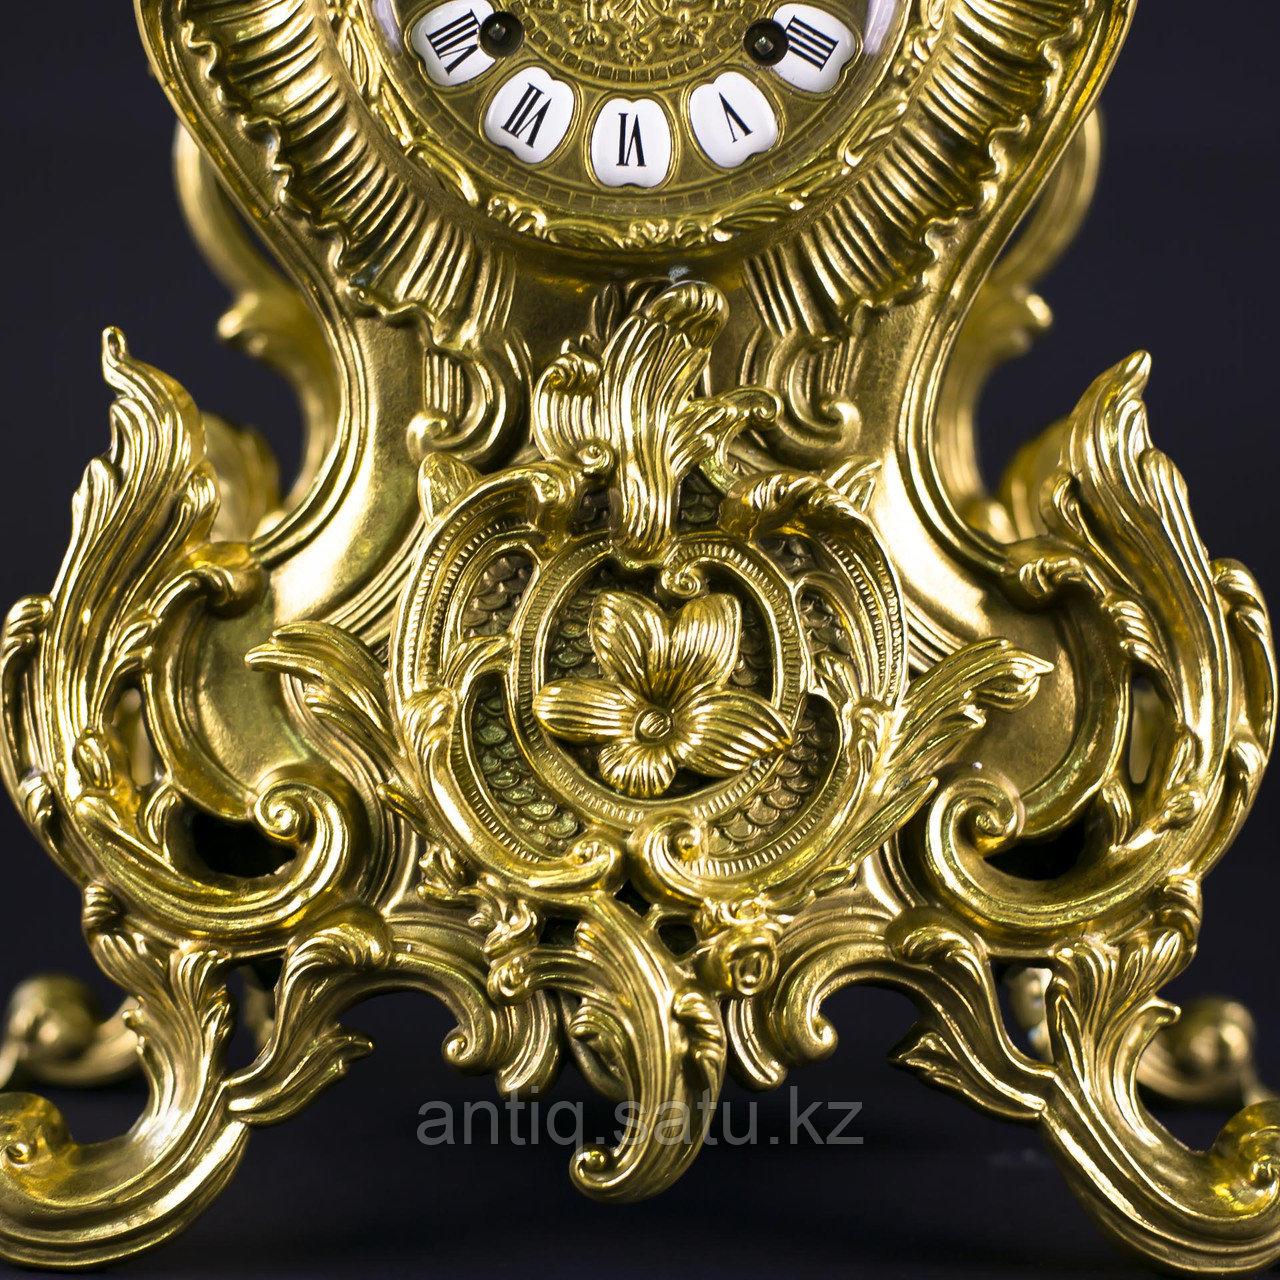 Часовой гарнитур в стиле Неорококо Часовая мастерская Franz Hermle & Sohne - фото 10